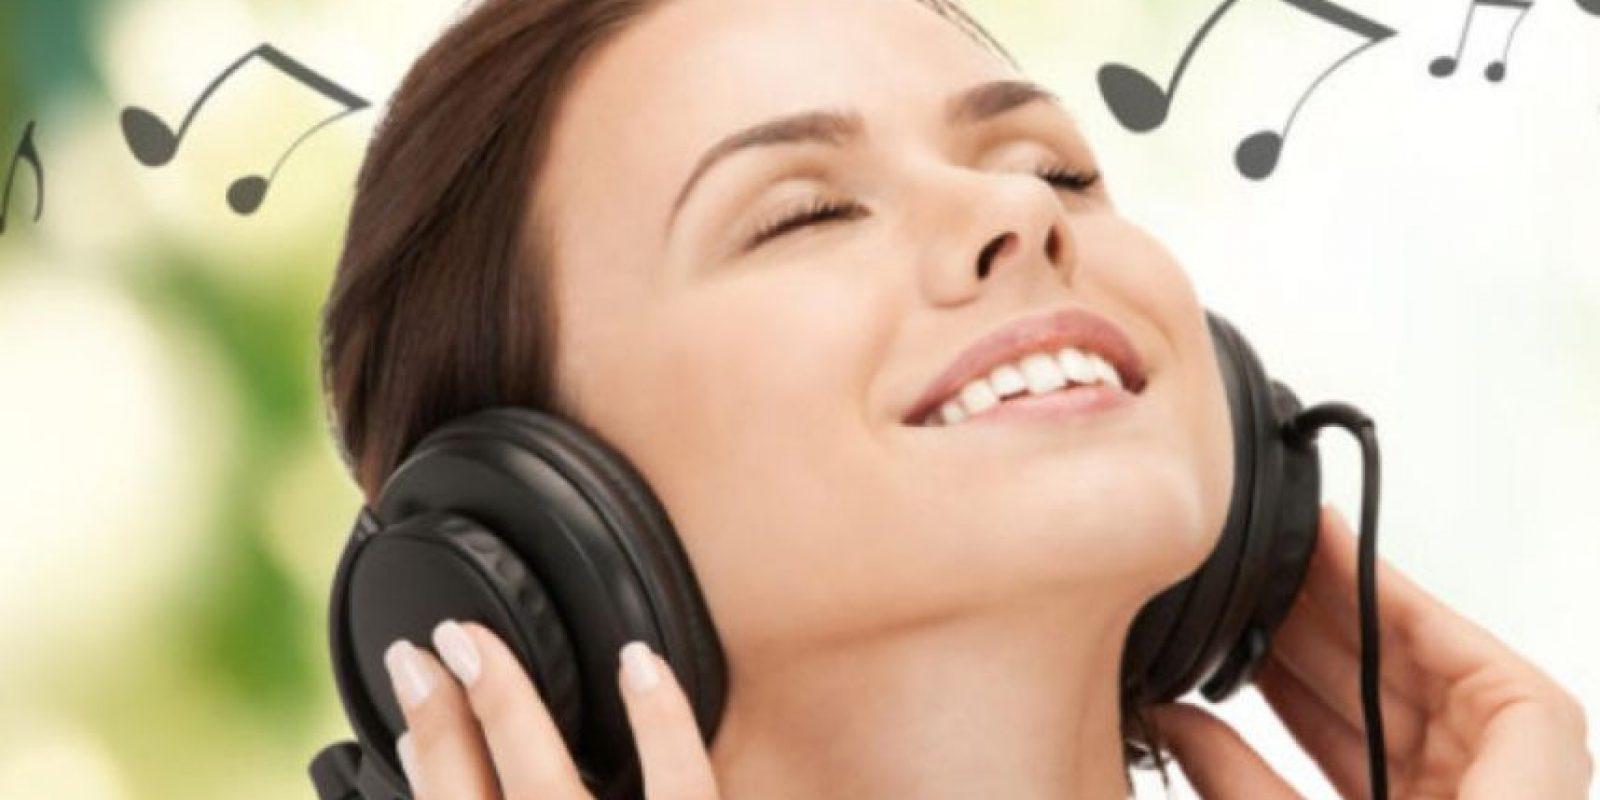 Esto hace que se incrementen más bacterias en sus oídos. Foto:vía Getty Images